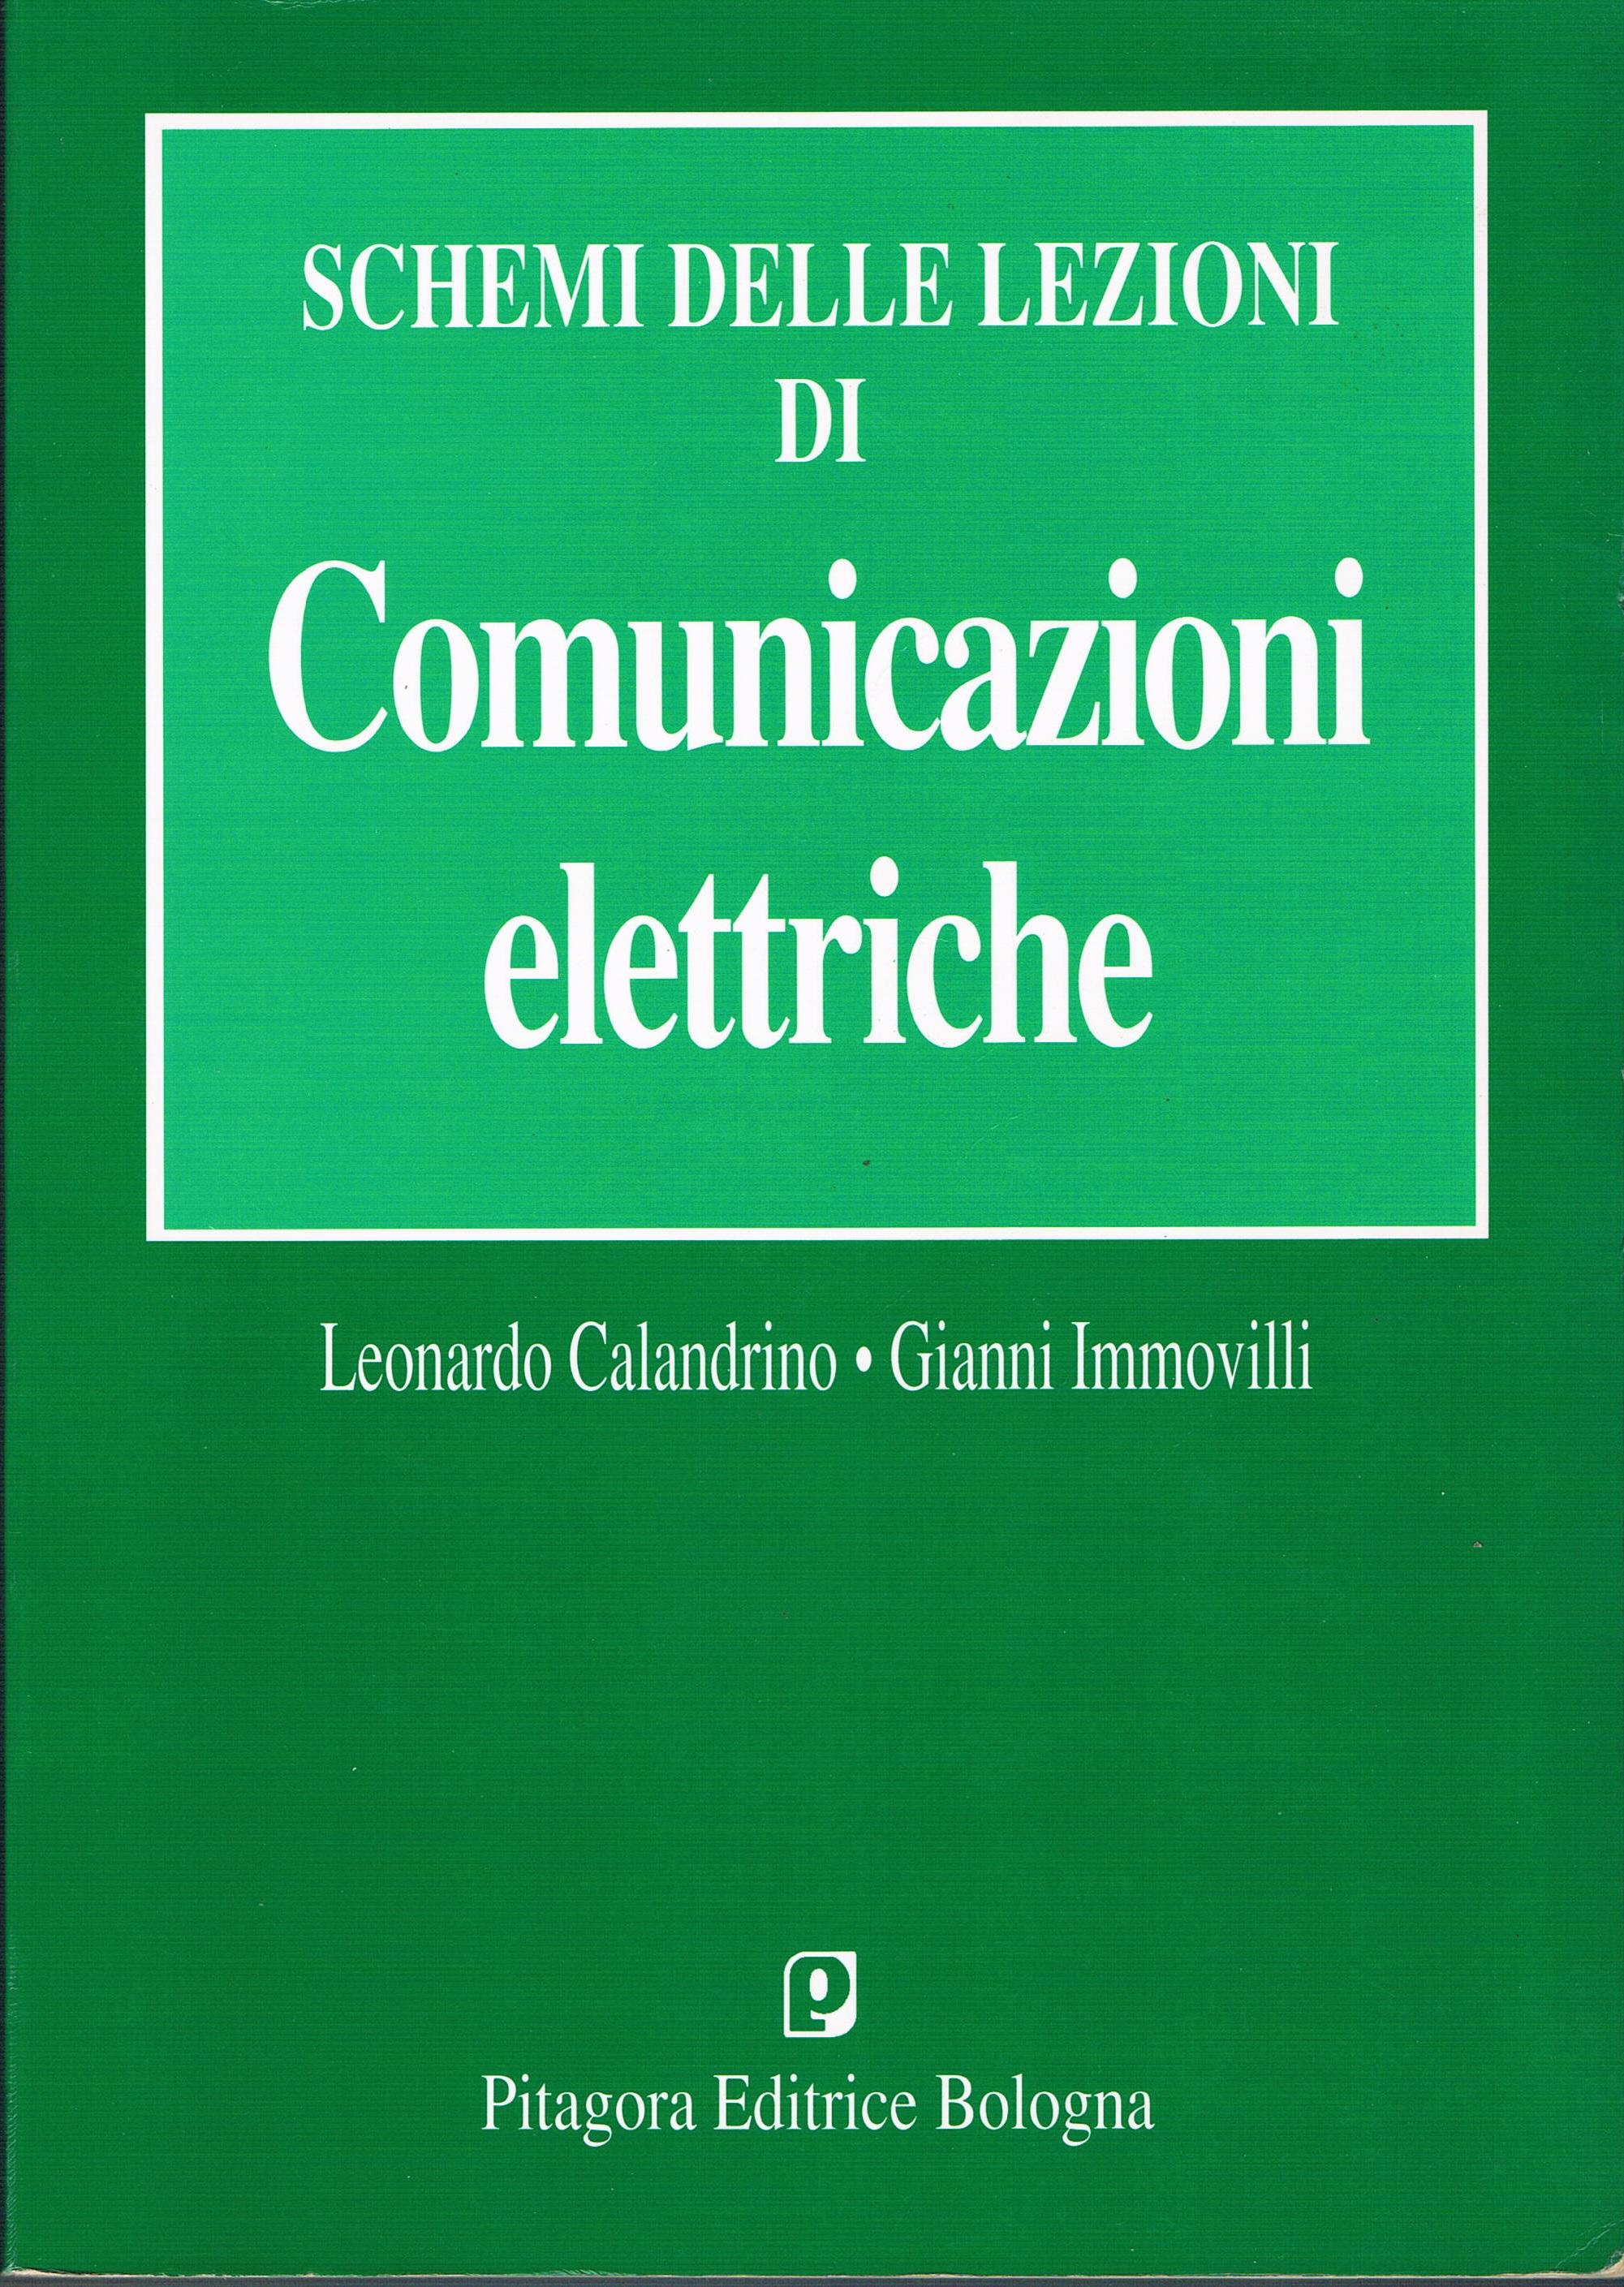 Schemi dalle lezioni di comunicazioni elettriche